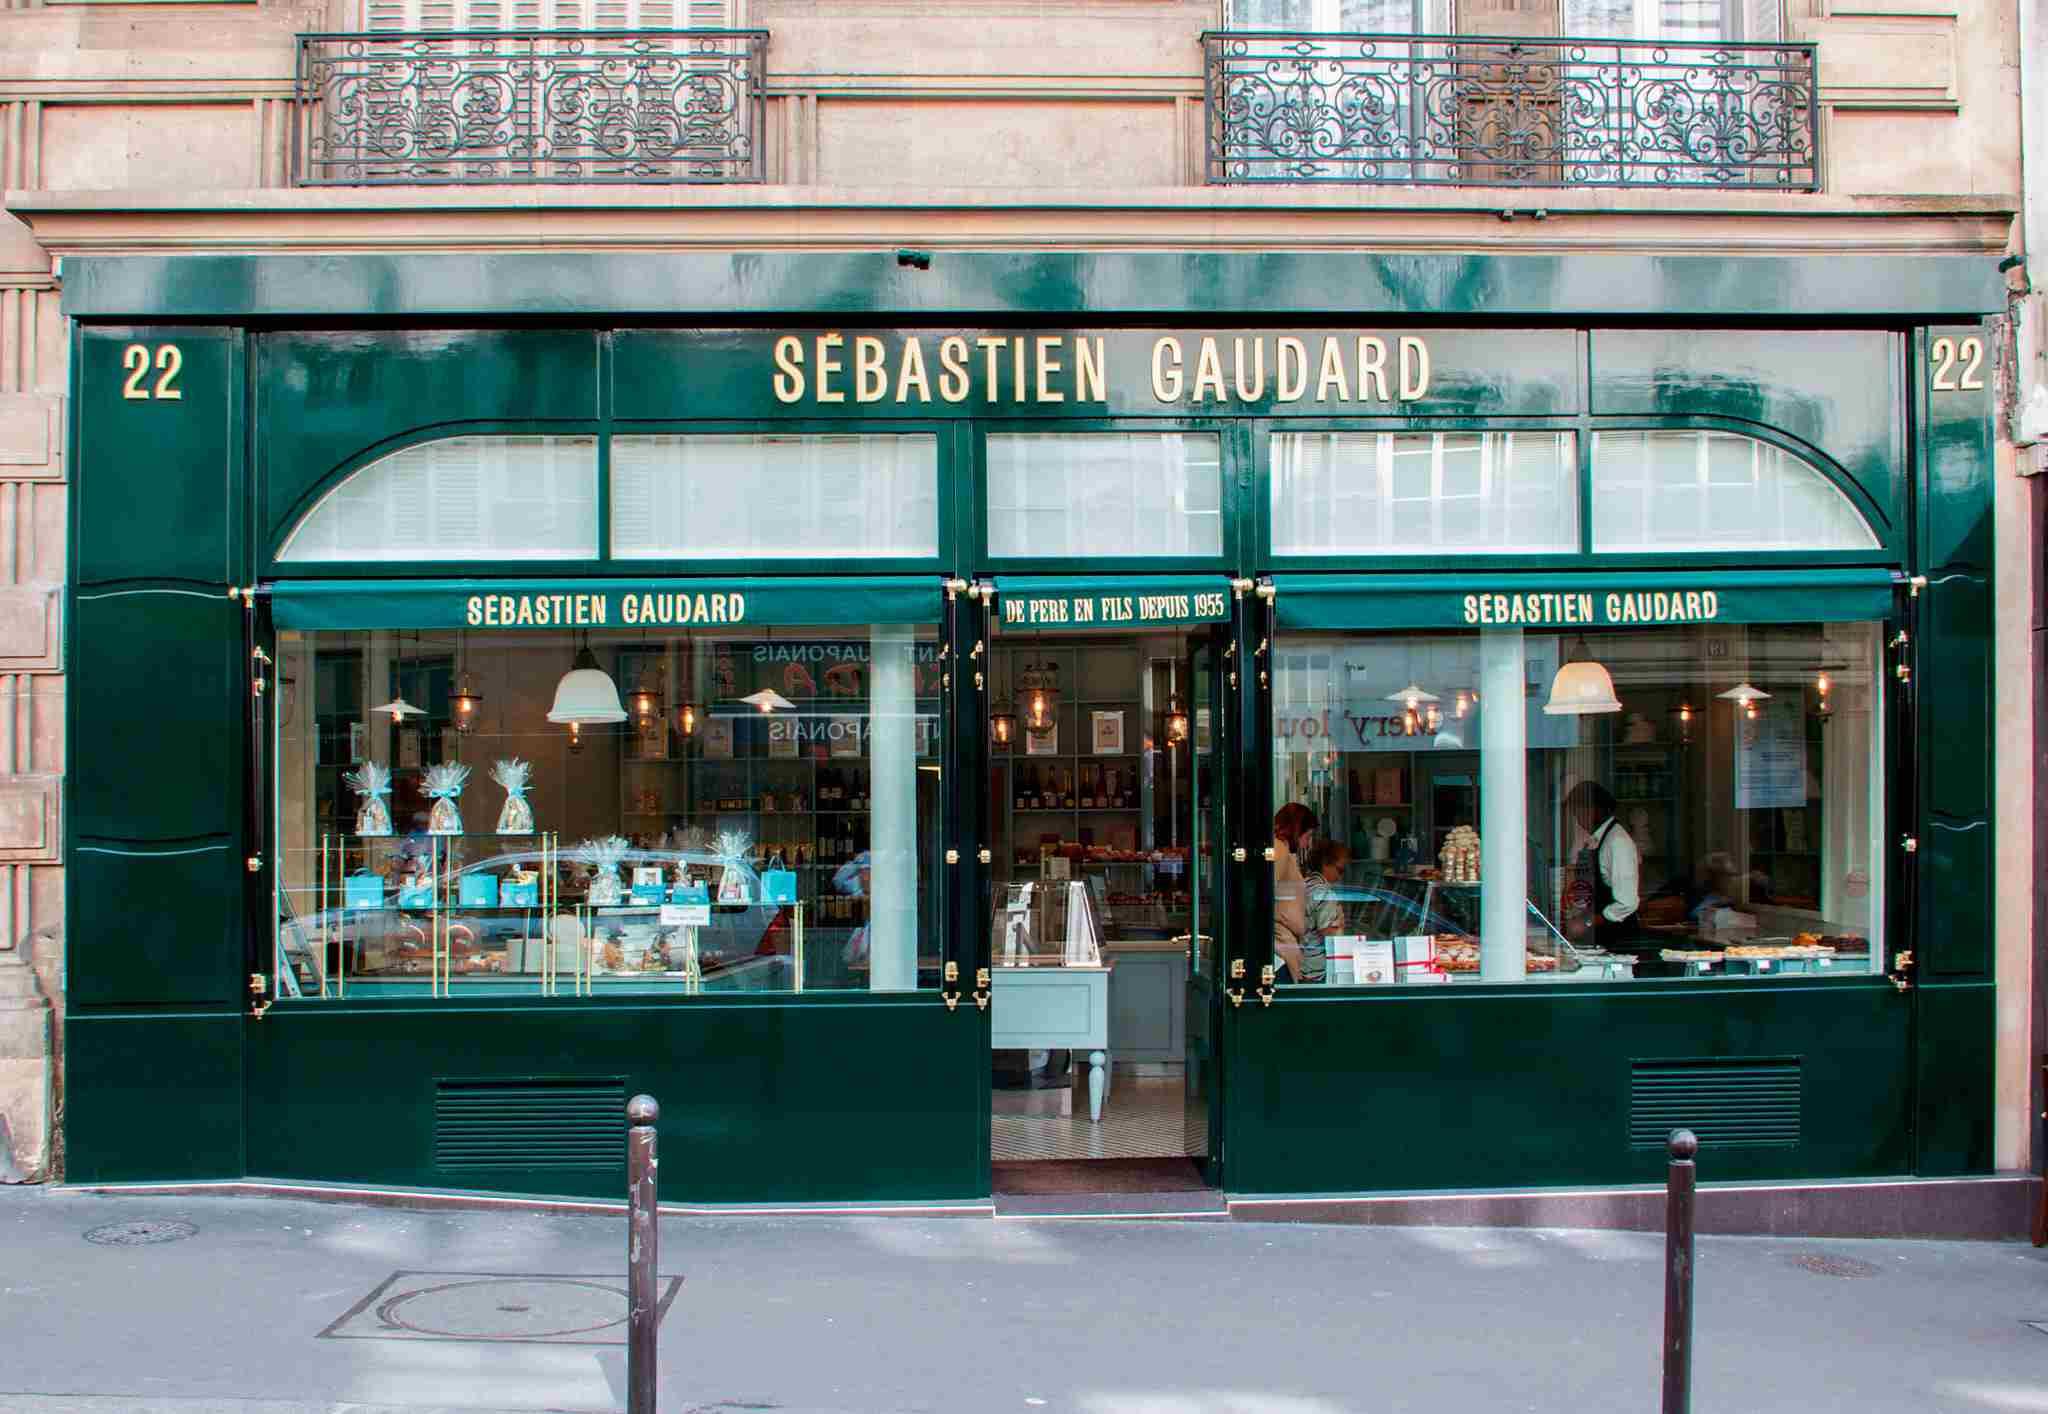 The elegant green exterior of Sebastien Gaudard's main bakery on rue des Martyrs.